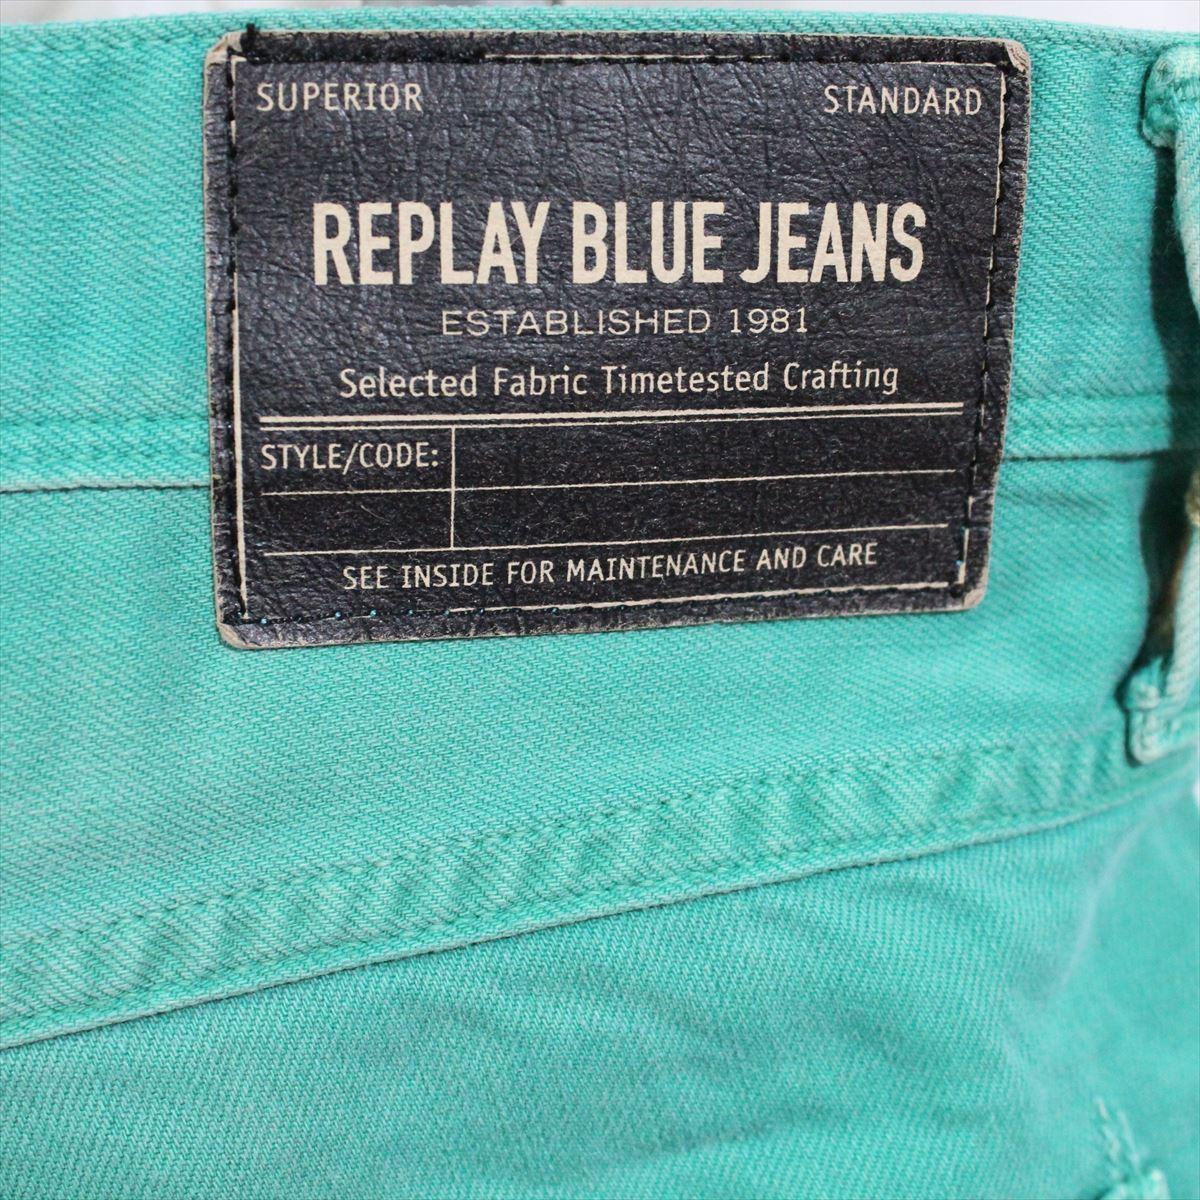 リプレイ REPLAY メンズカラーパンツ ジーンズ デニムパンツ SLIM グリーン 34インチ 新品 REPLAY BLUE JEANS anbass slim jeans_画像6